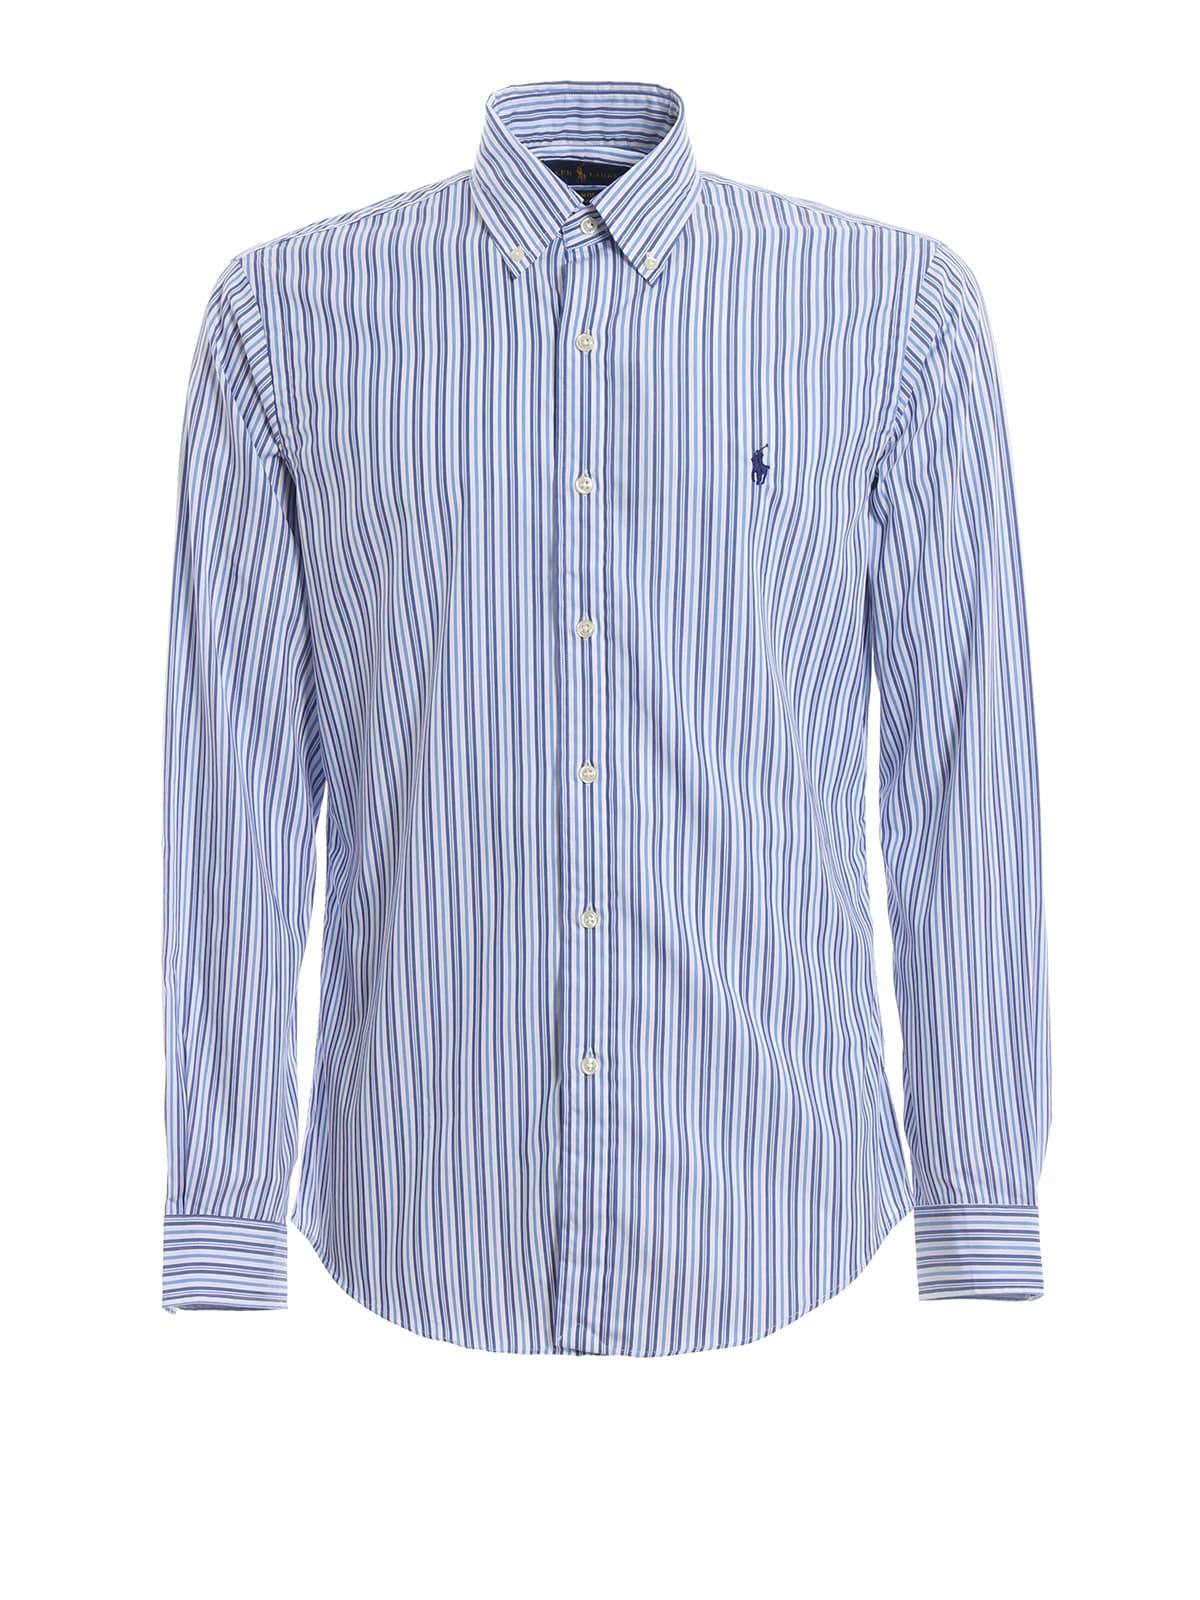 finest selection 1ec52 cff3e Polo Ralph Lauren Polo Ralph Lauren Camicia A Quadri In ...